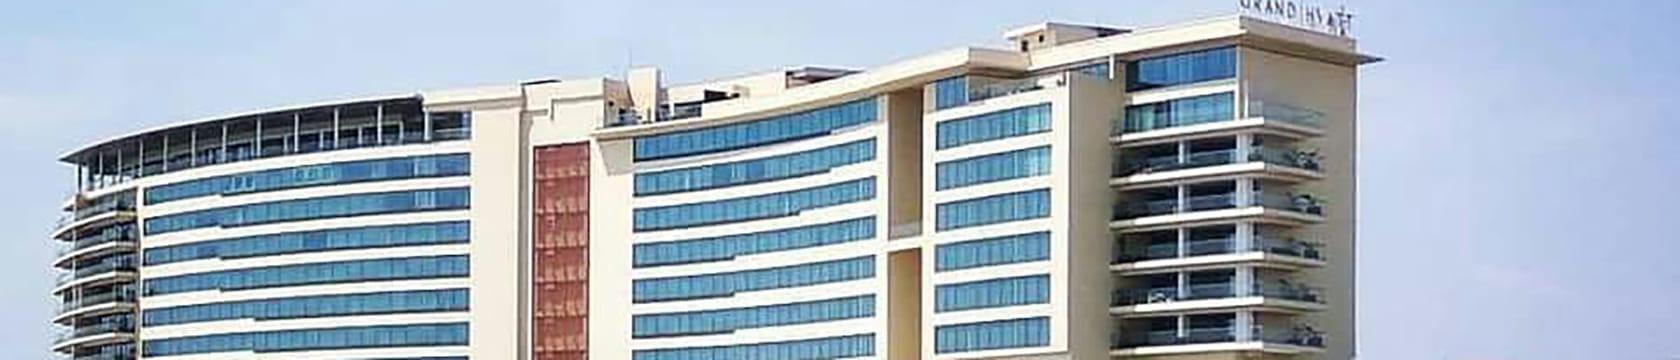 Lulu Grand Hyatt India